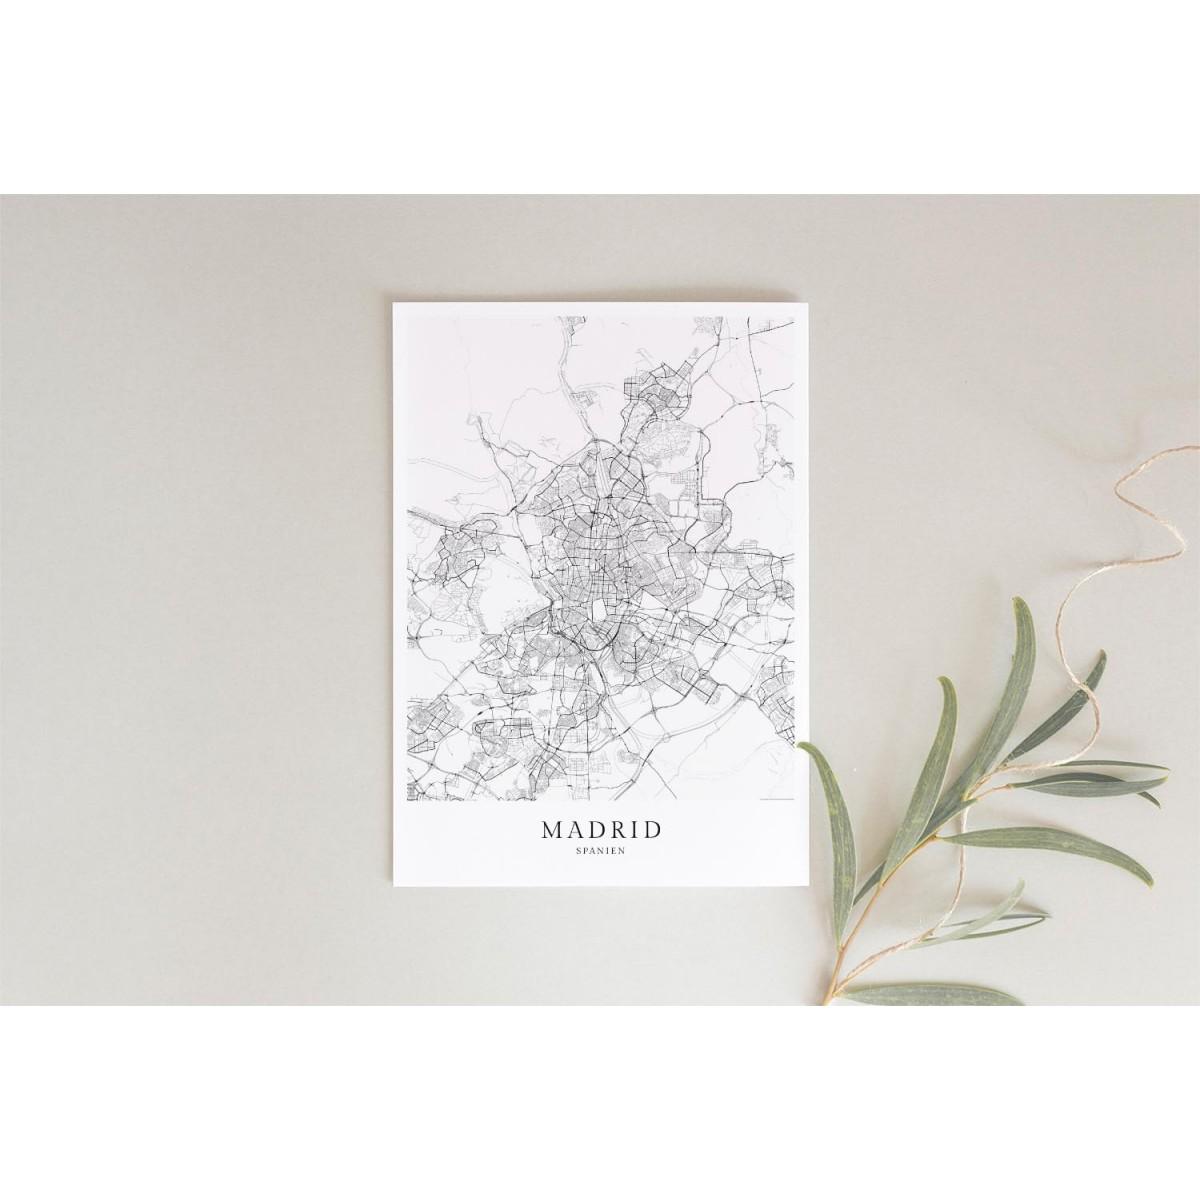 Karte MADRID als Print im skandinavischen Stil von Skanemarie +++ Geschenkidee zu Weihnachten